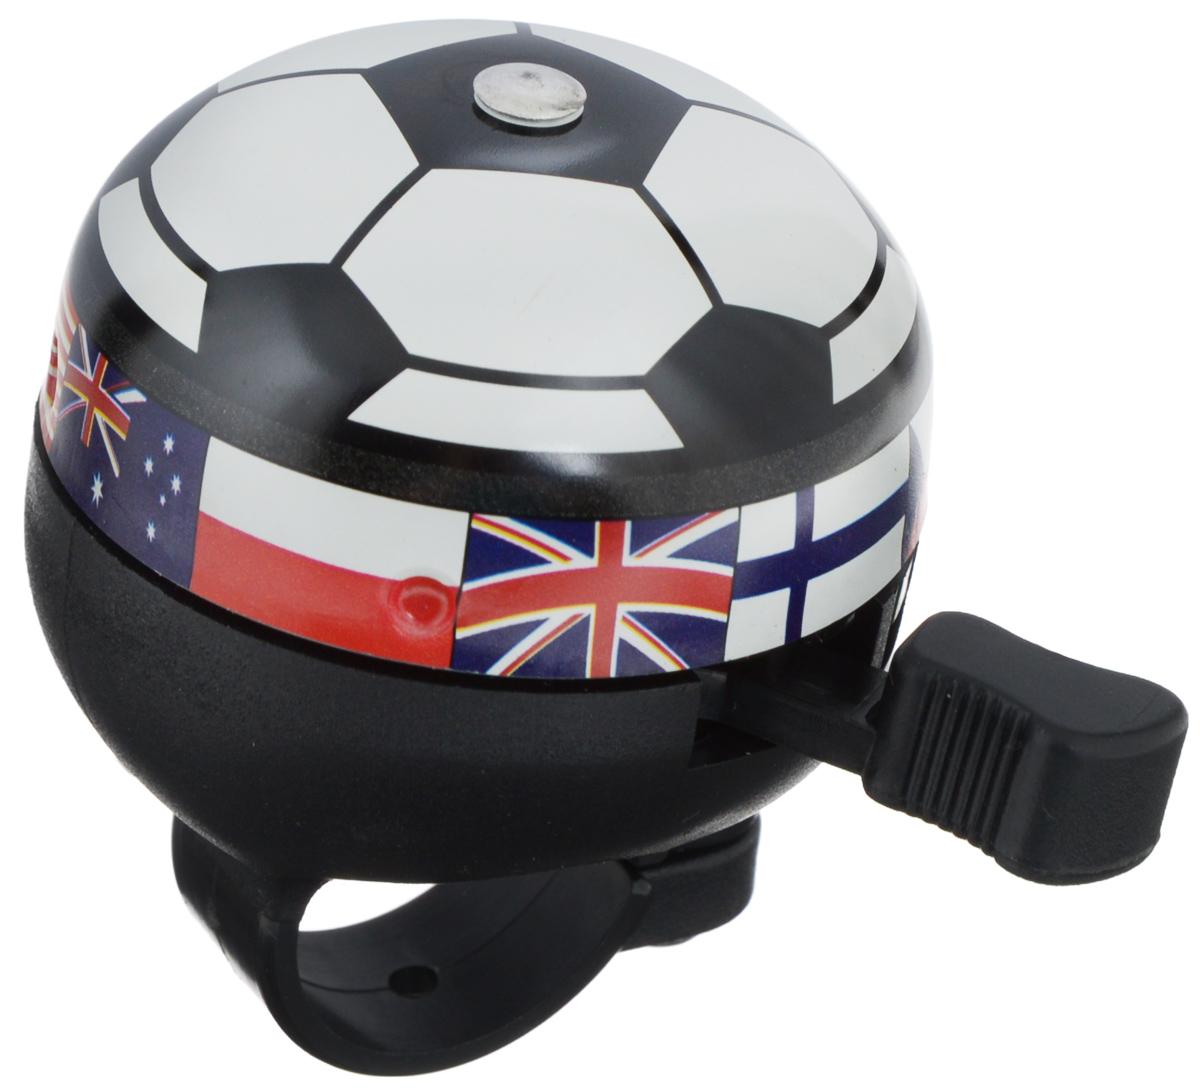 Звонок велосипедный Odinn Футбольный мячJH-801-2/13002Фигурный звонок Odinn Футбольный мяч крепится на руль велосипеда и позволяет привлечь внимание. Звонок выполнен из высокопрочных материалов, долговечен в использовании. Основным его назначением является предотвращения столкновения, как на дорогах общего пользования, так и на тротуарах. Диаметр звонка: 4,5 см.